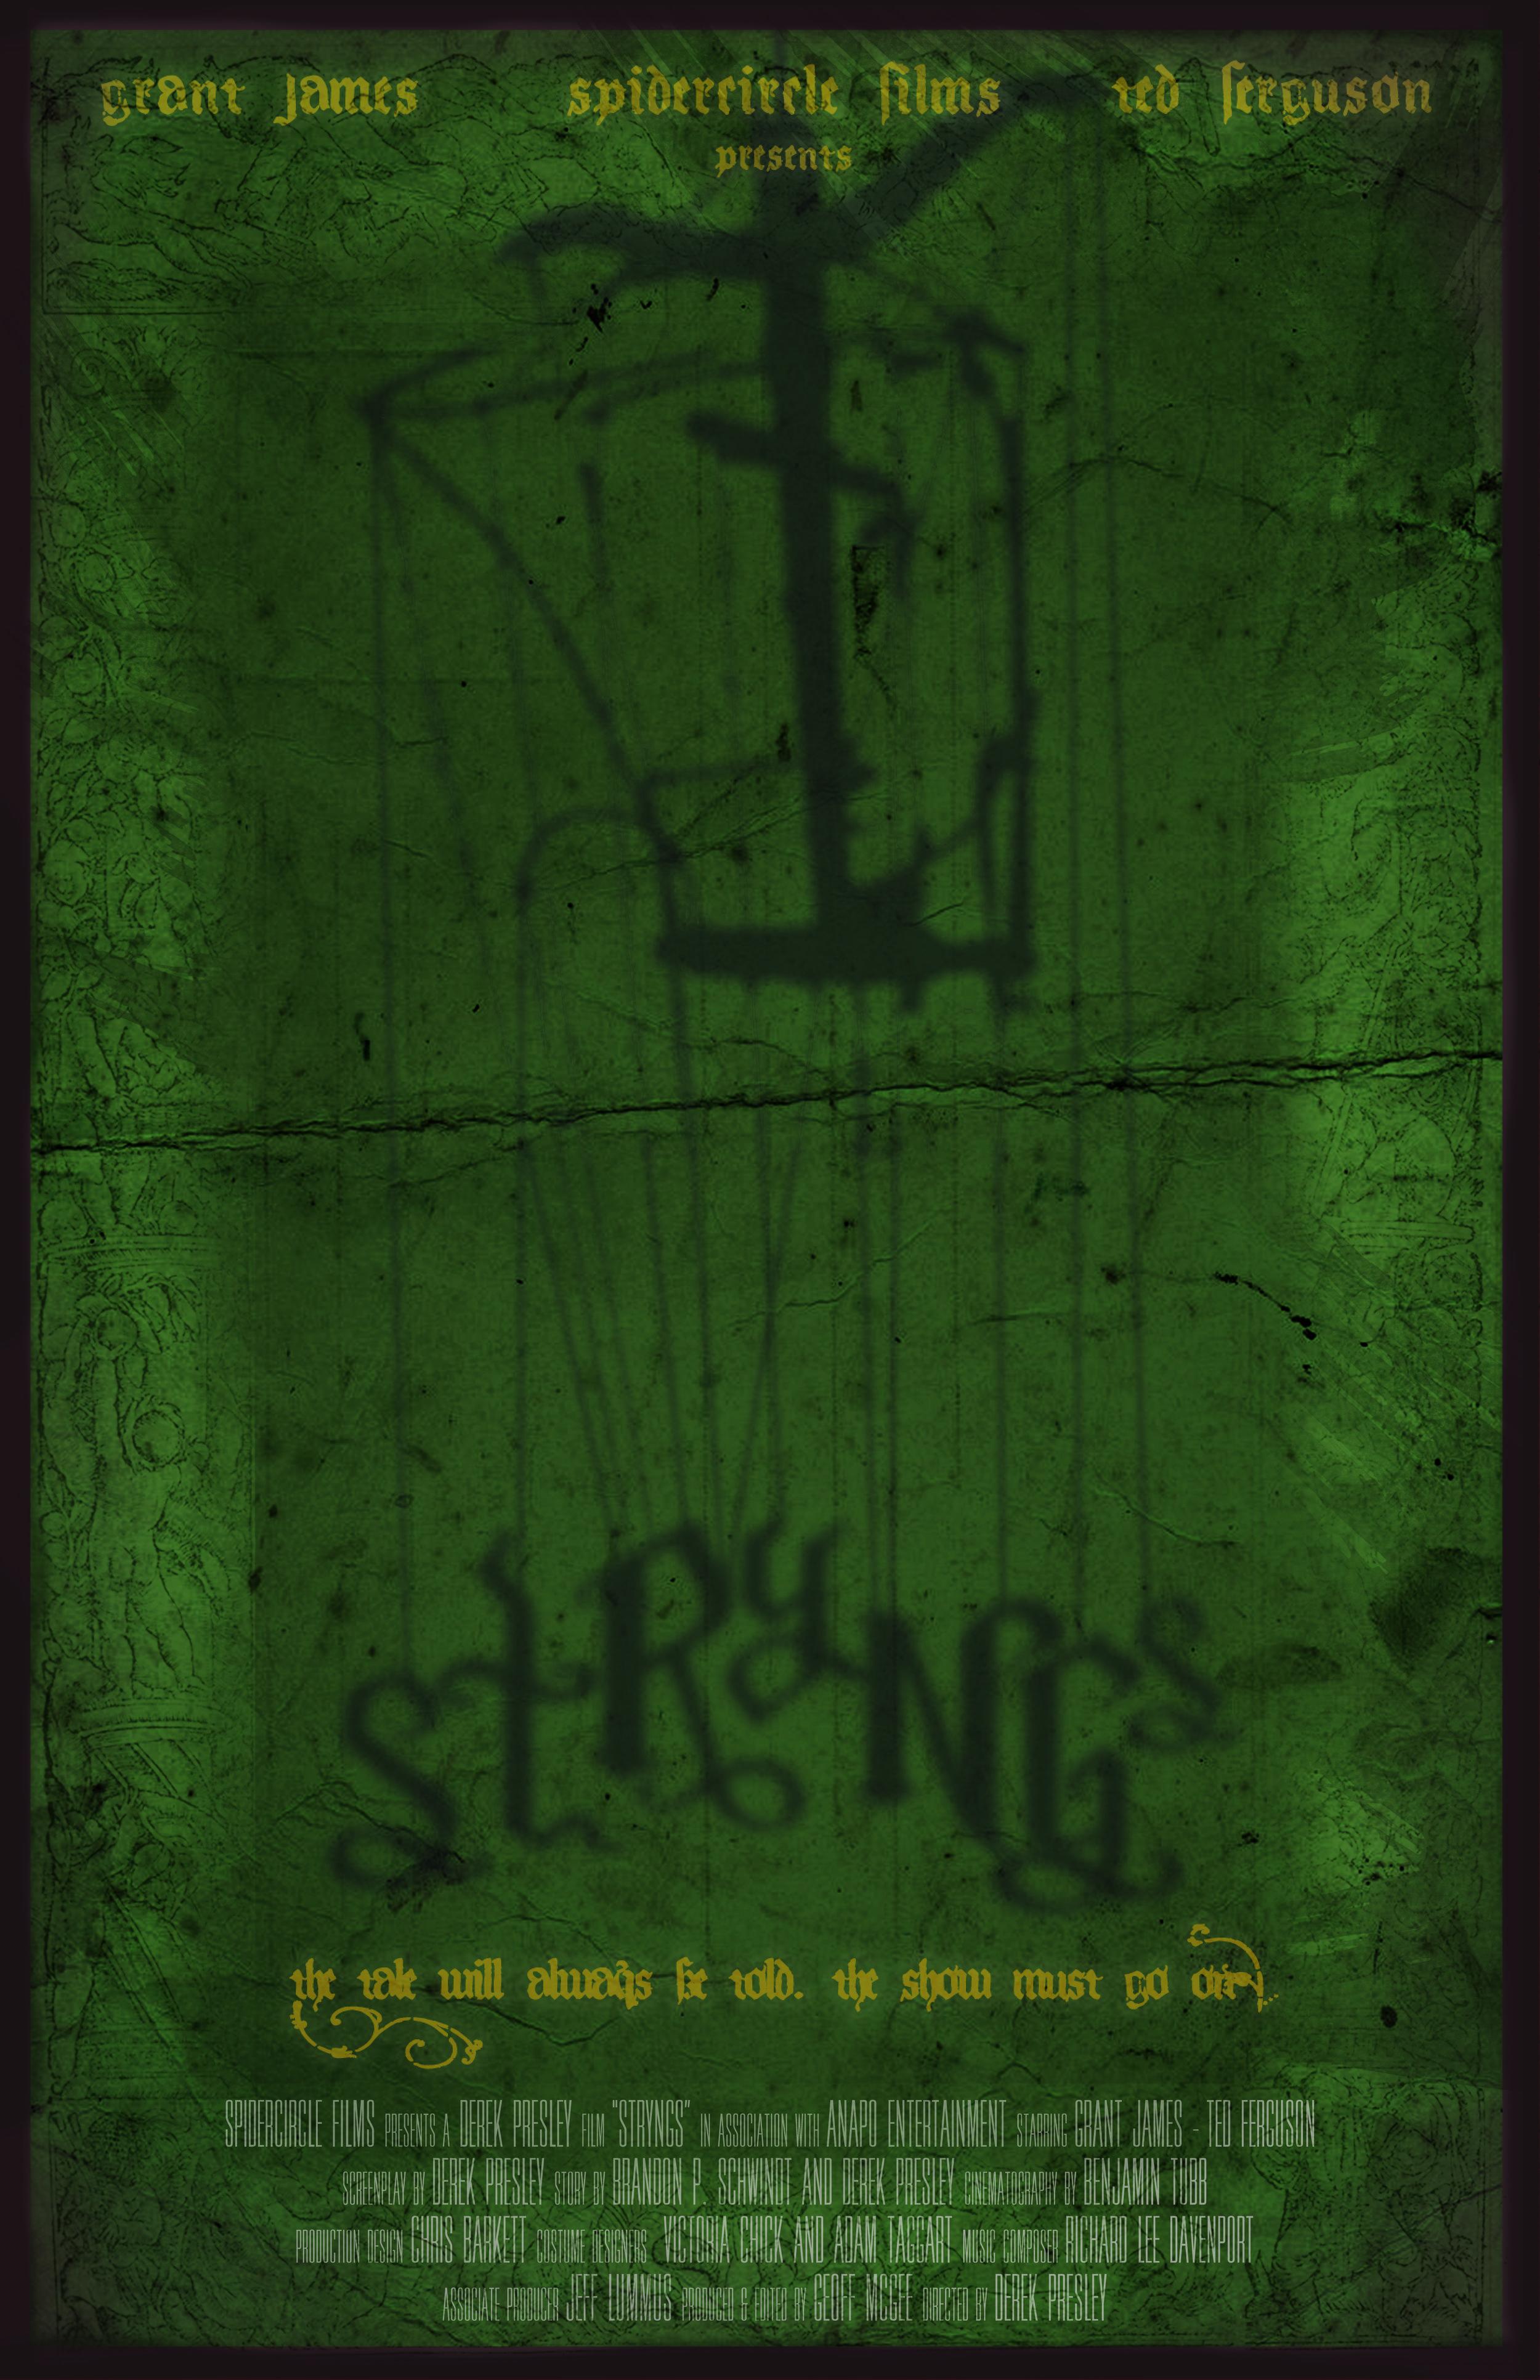 Stryngs_Poster_11x17.jpg